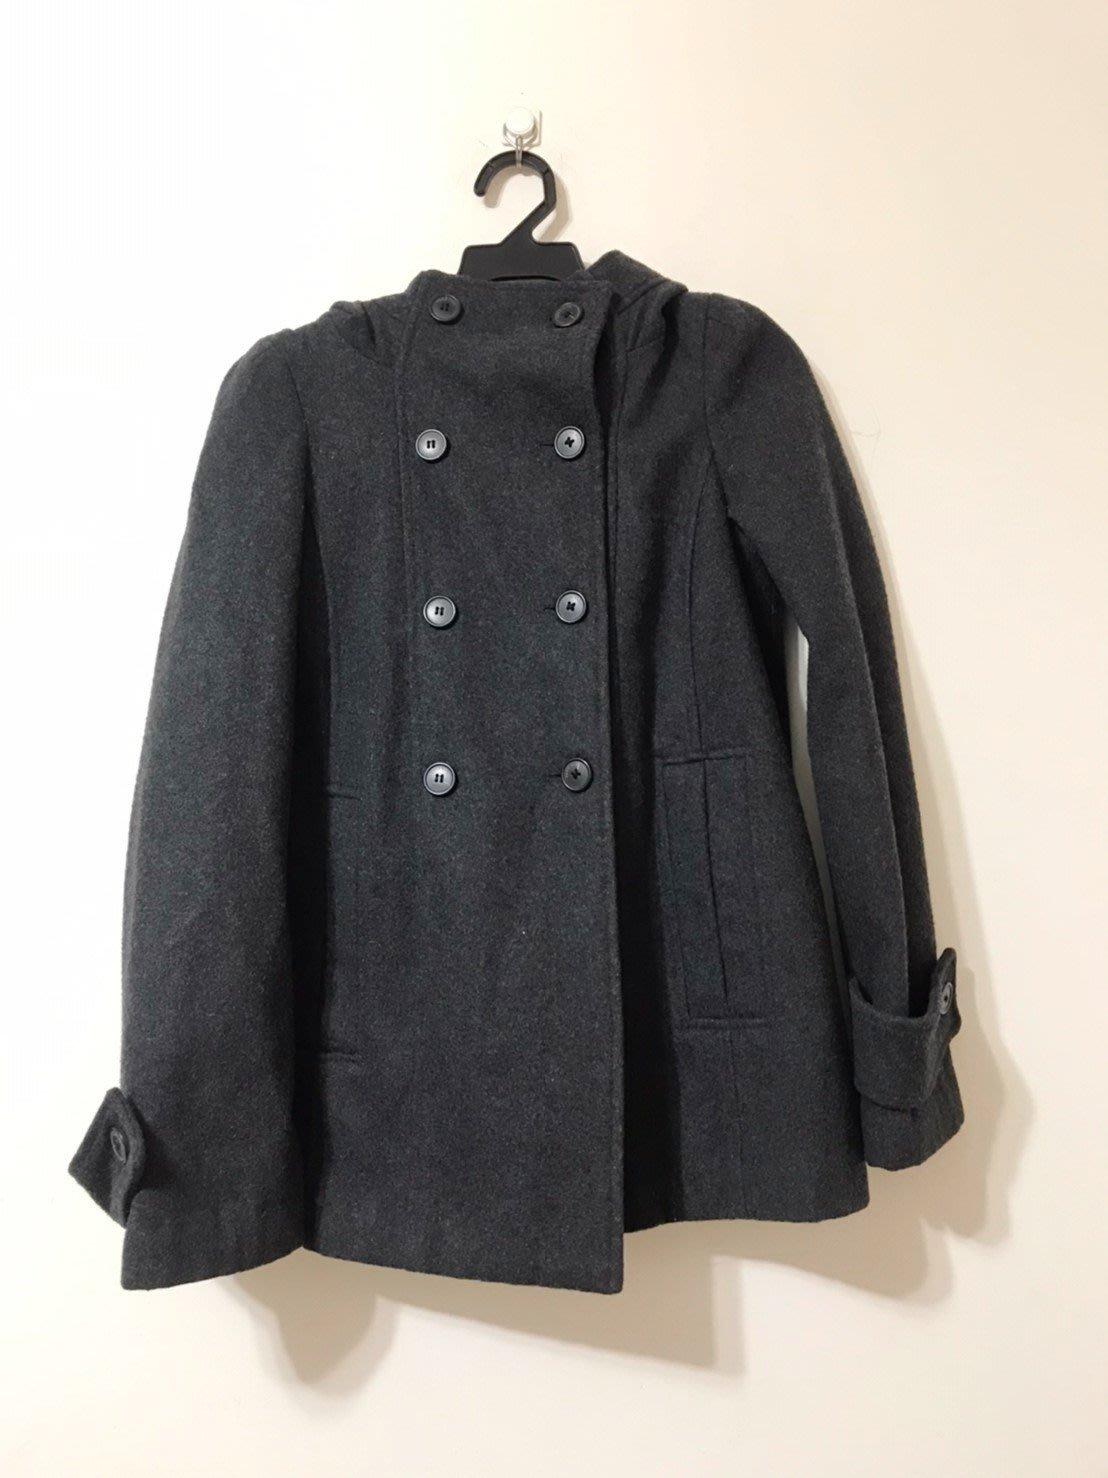 歐系品牌 Zara 灰色 簡約設計 英倫氣質 雙排扣大衣 20190802-3A